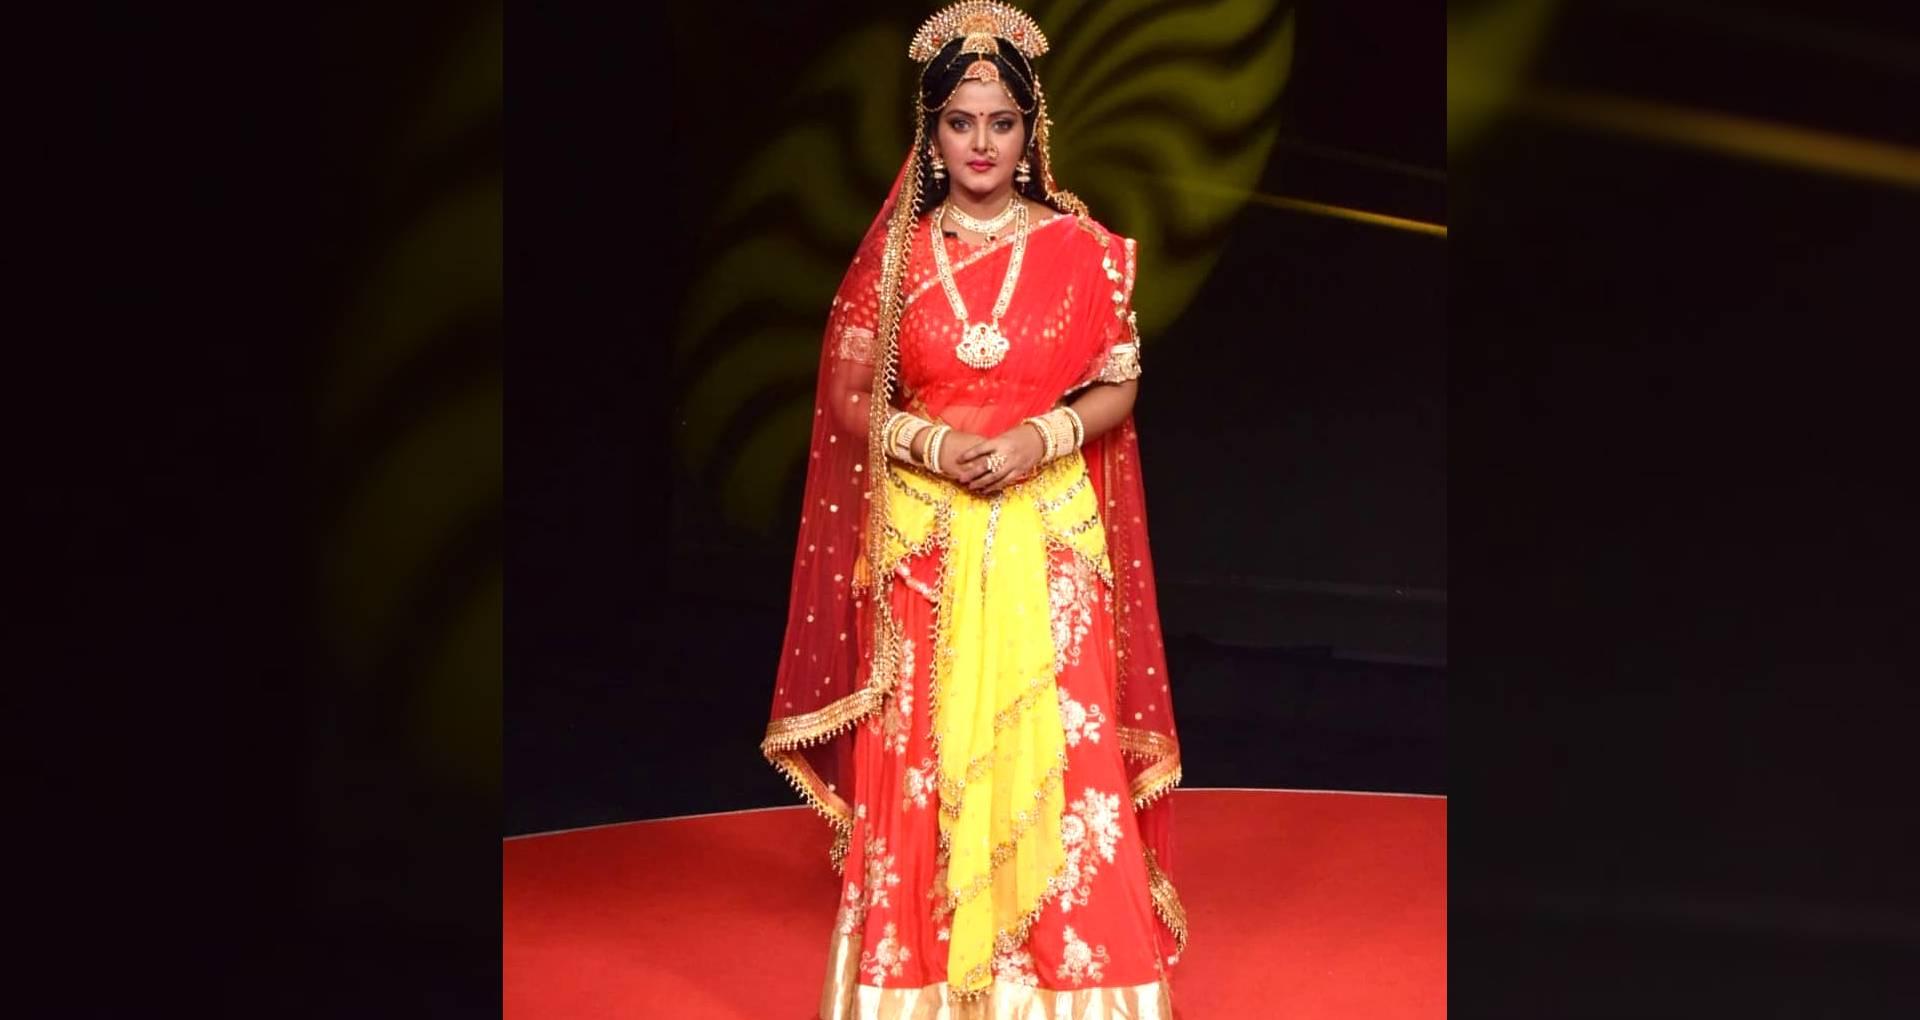 अंजना सिंह दिल्ली की रामलीला में करती दिखेंगी परफॉर्मेंस, भोजपुरी एक्ट्रेस निभाएंगी ये मुख्य किरदार